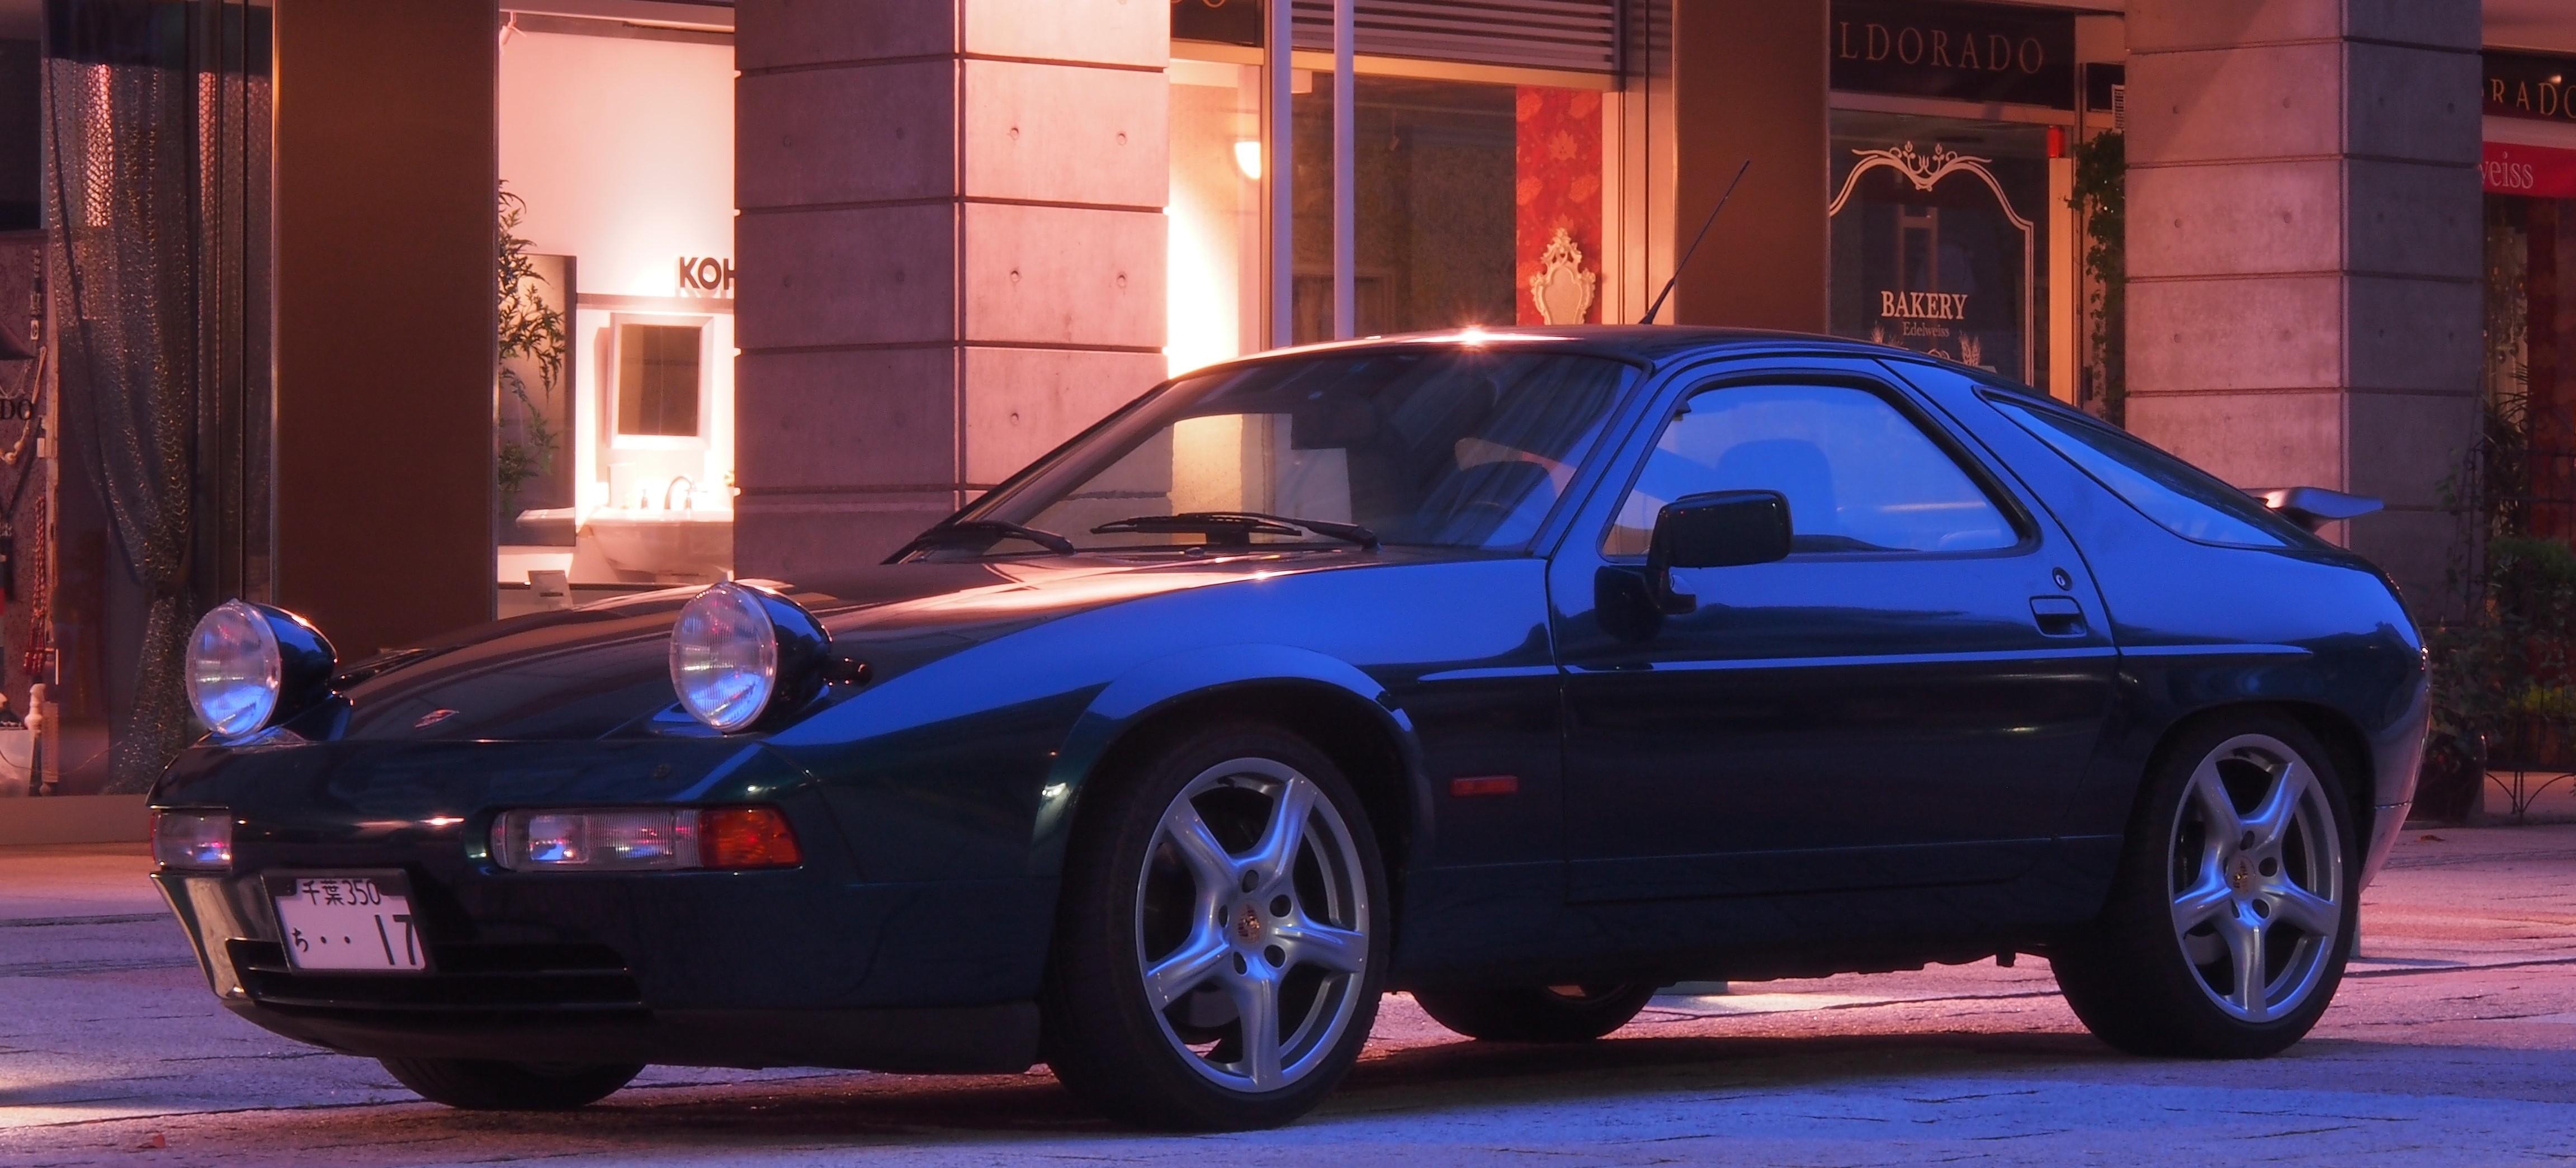 1991 PORSCHE 928GT  330ps